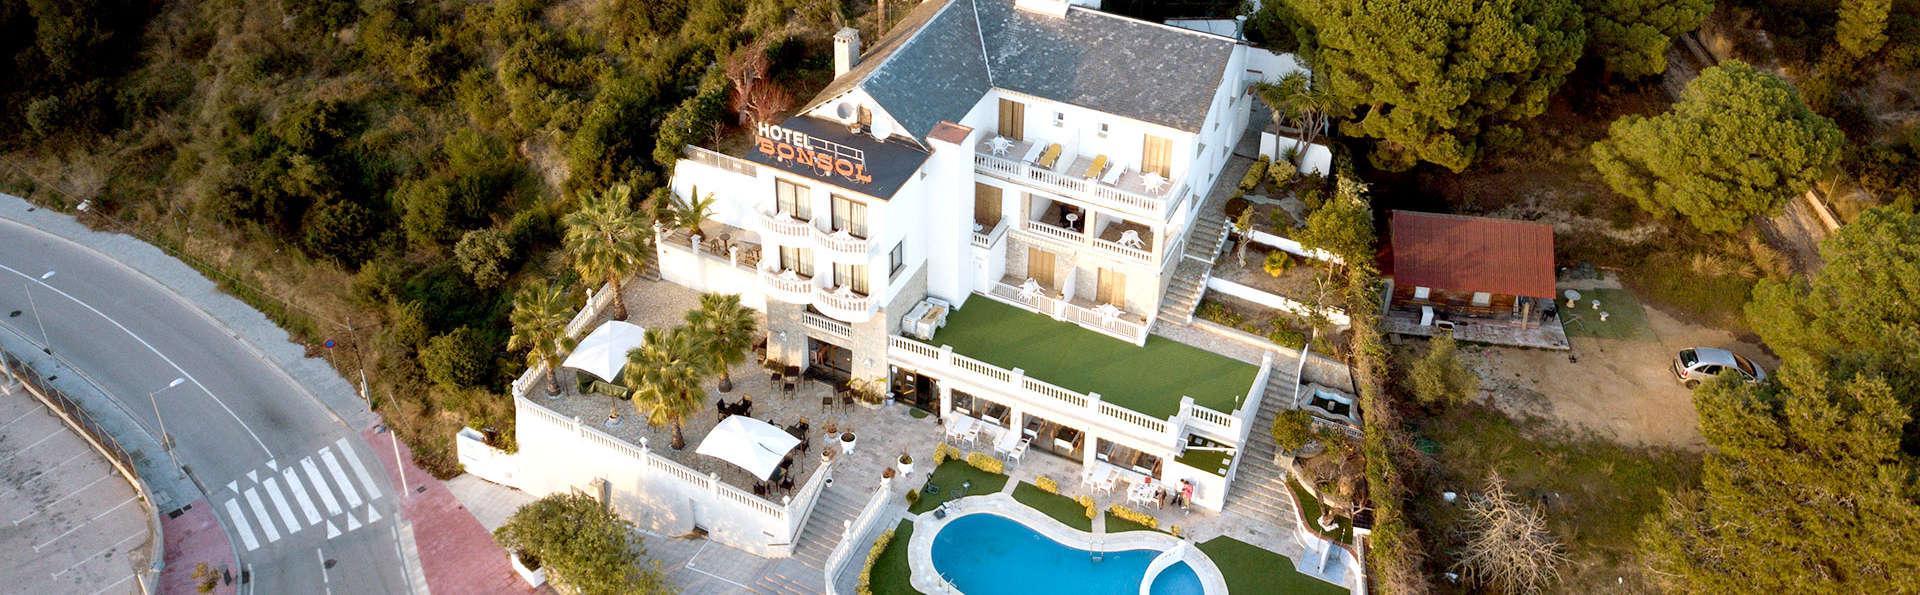 Mini-vacances en pension complète sur la Costa Brava (à partir de 3 nuits)